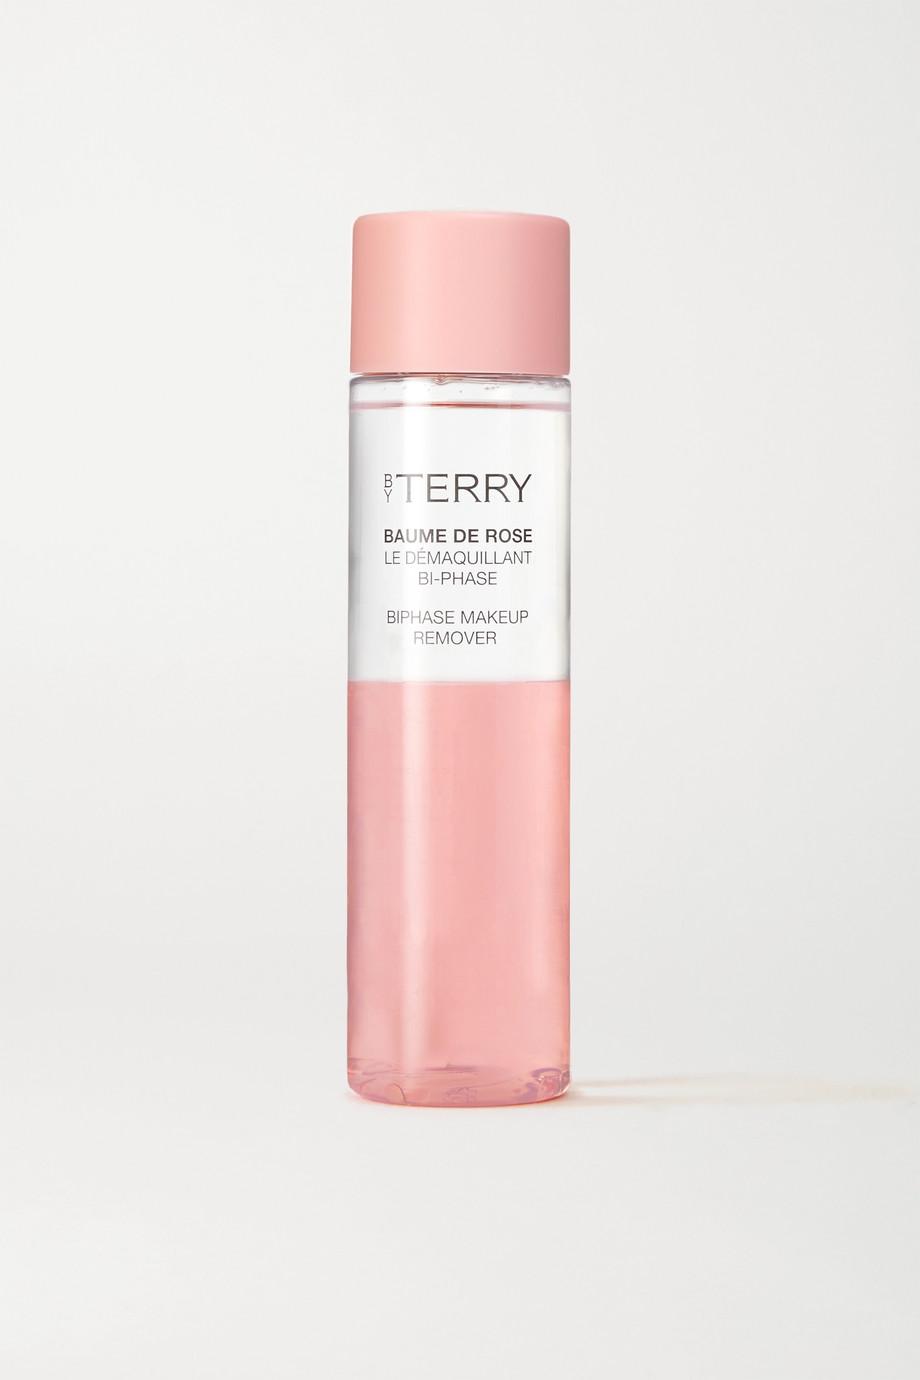 BY TERRY Baume de Rose Biphase Makeup Remover, 200 ml – Make-up-Entferner